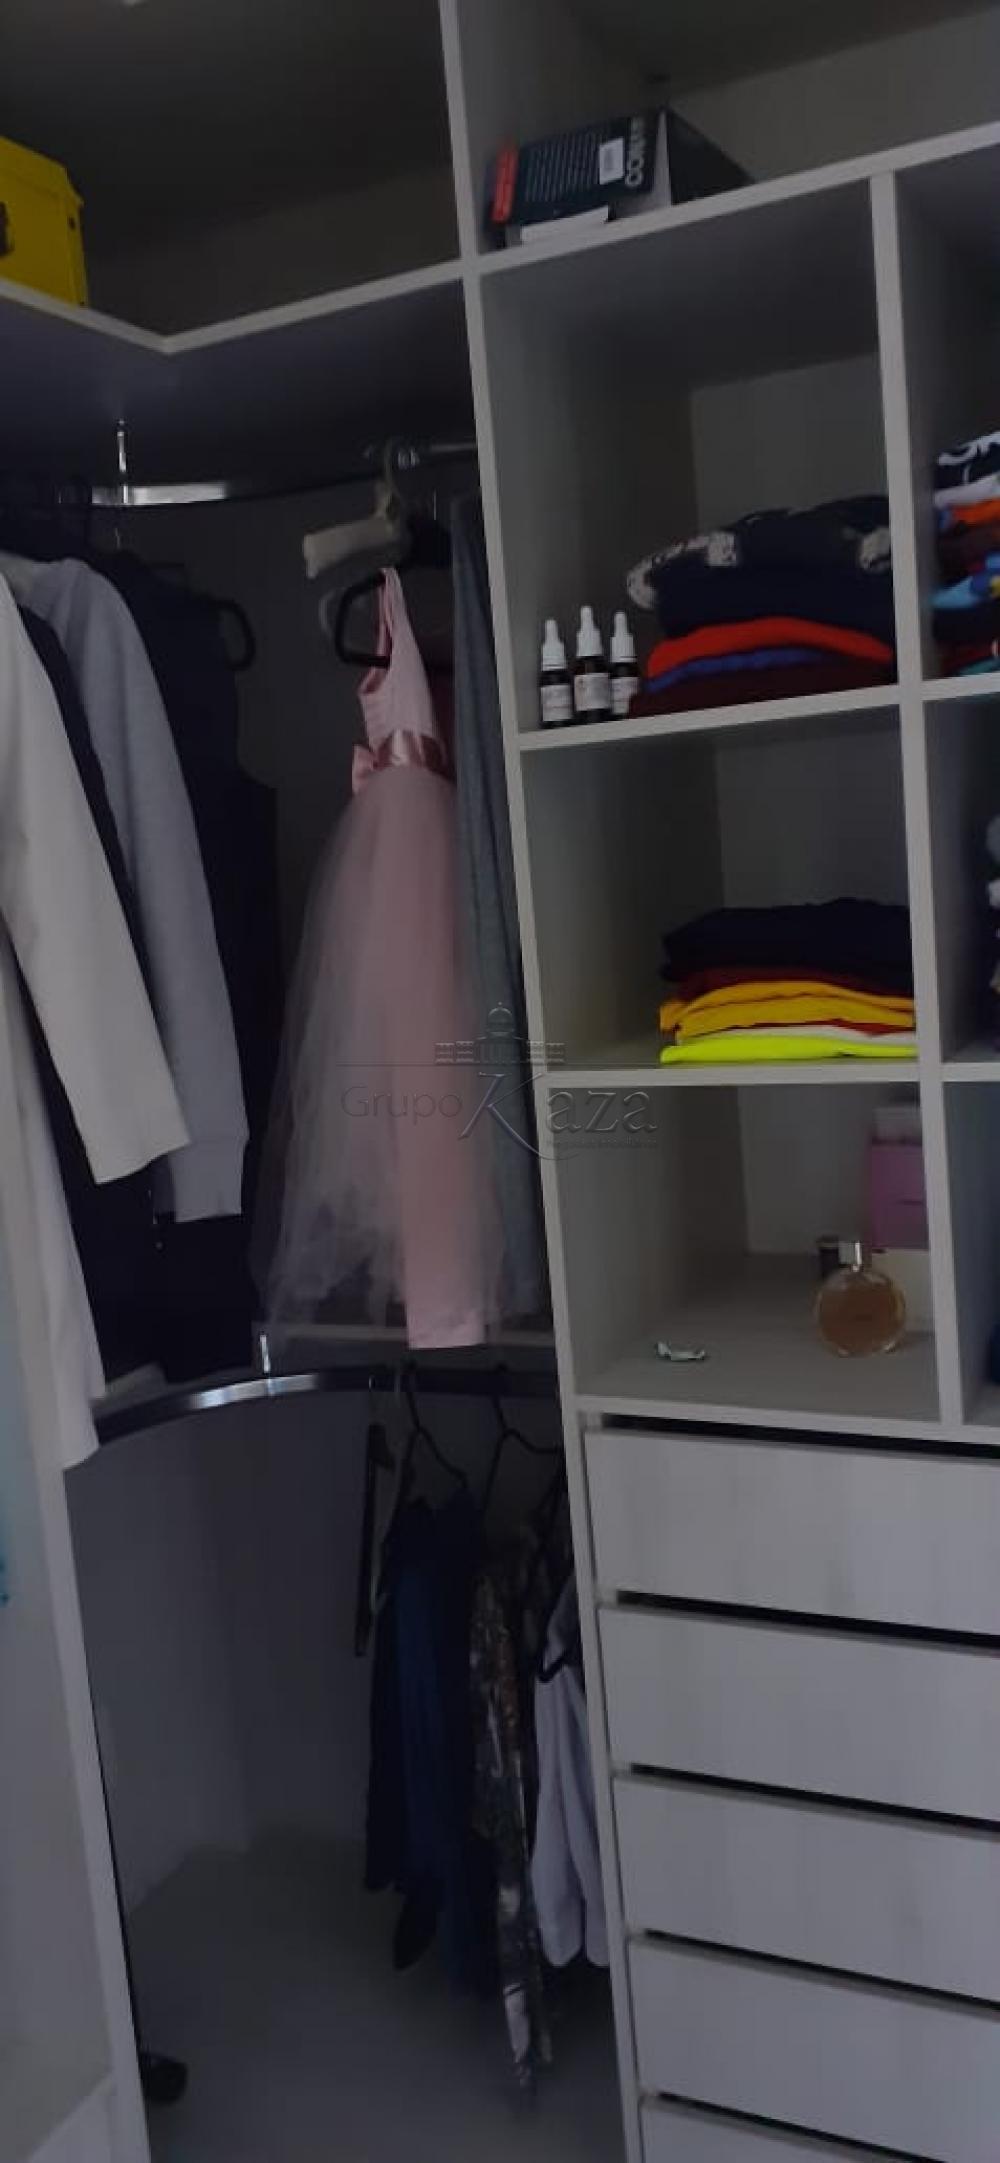 Comprar Apartamento / Padrão em São José dos Campos apenas R$ 930.000,00 - Foto 15